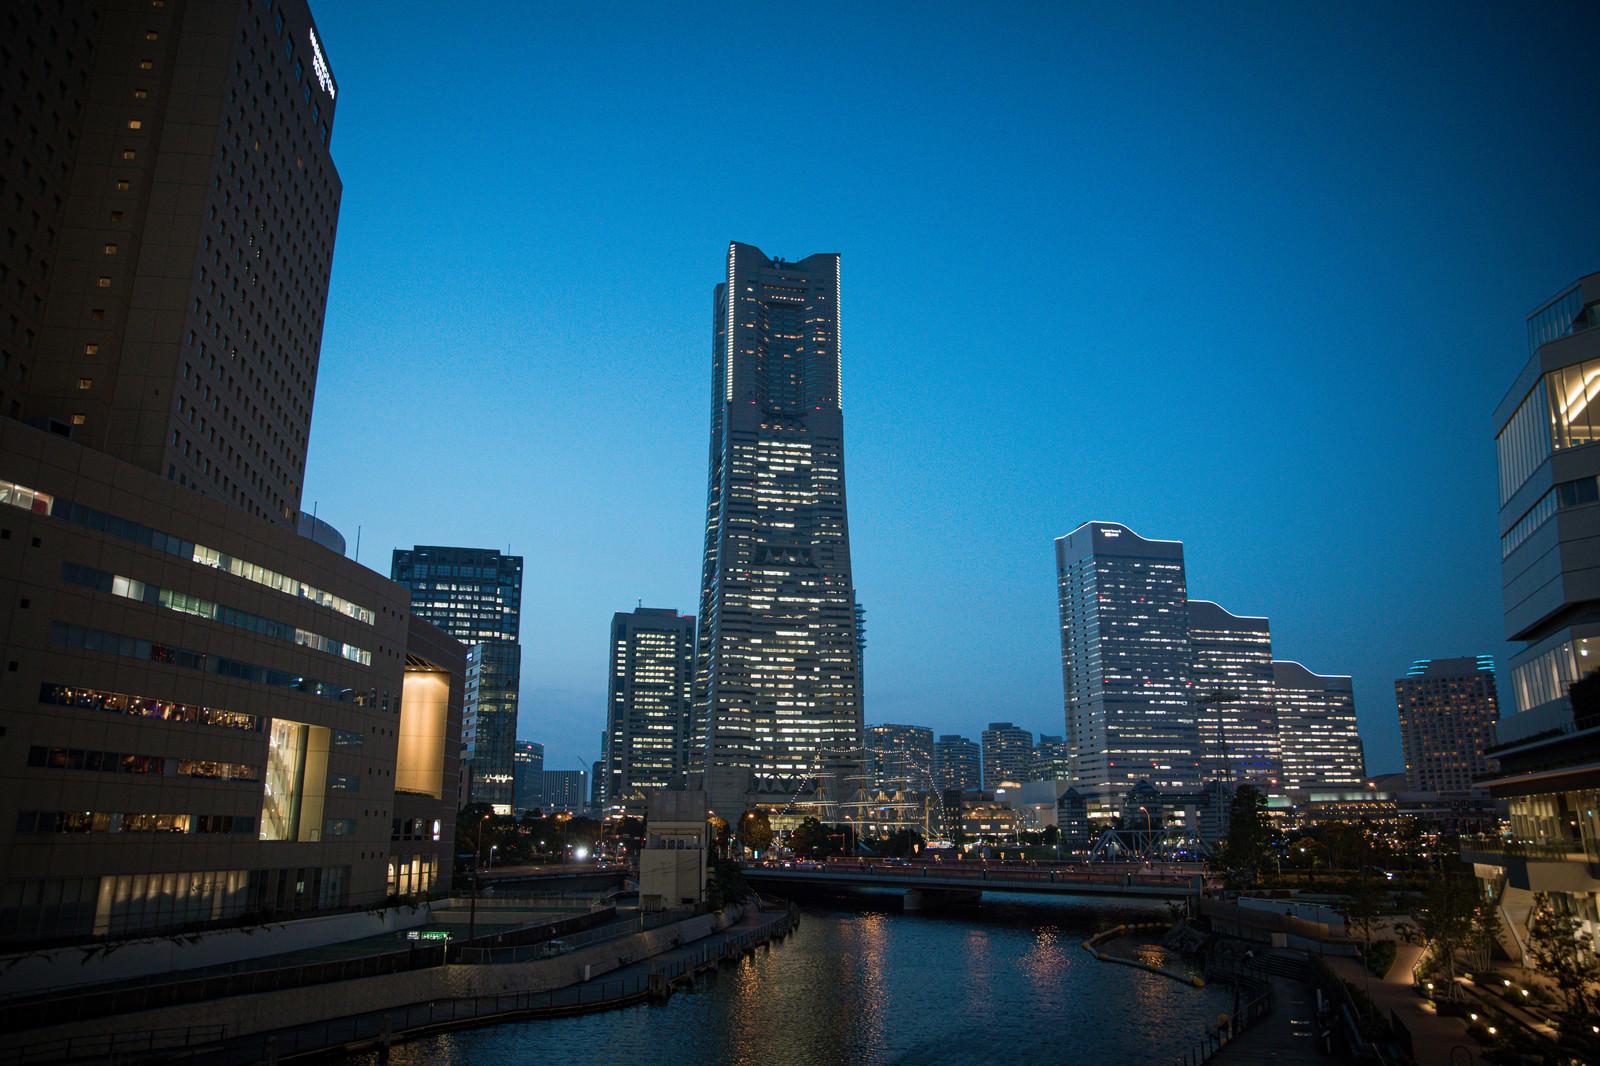 「さくらみらい橋から撮影したランドマークタワーの夜景」の写真